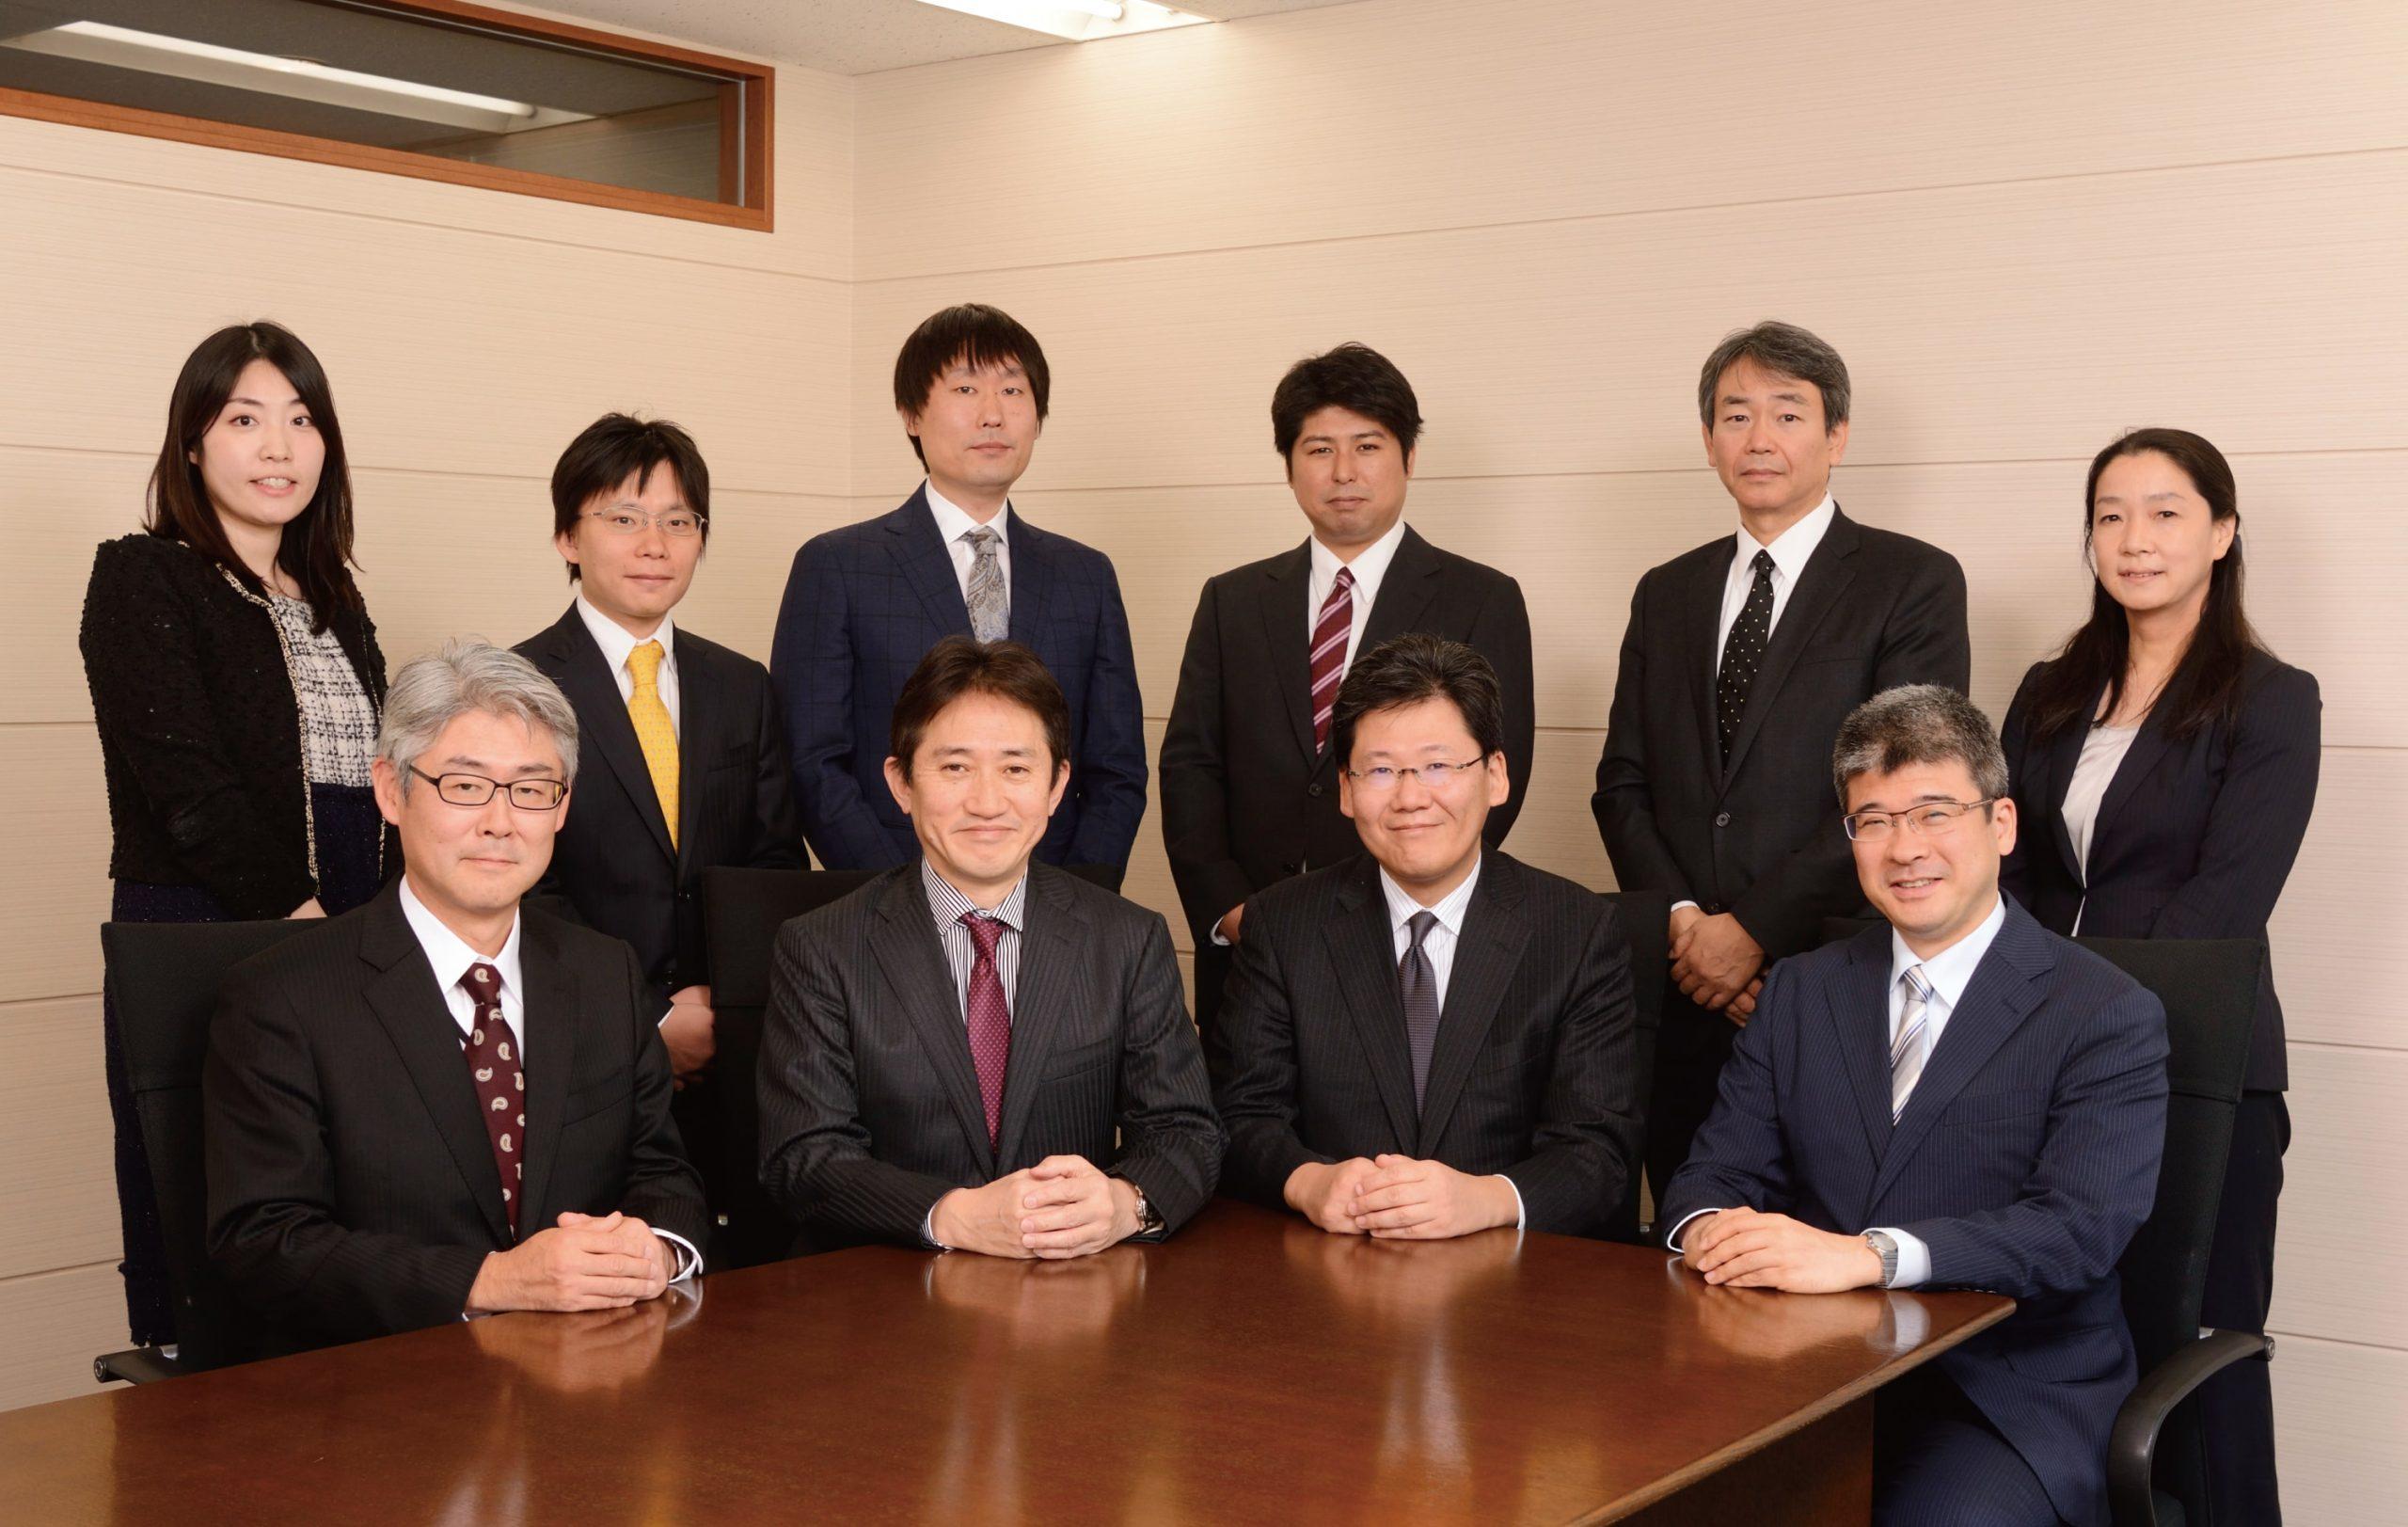 東京あおい法律事務所